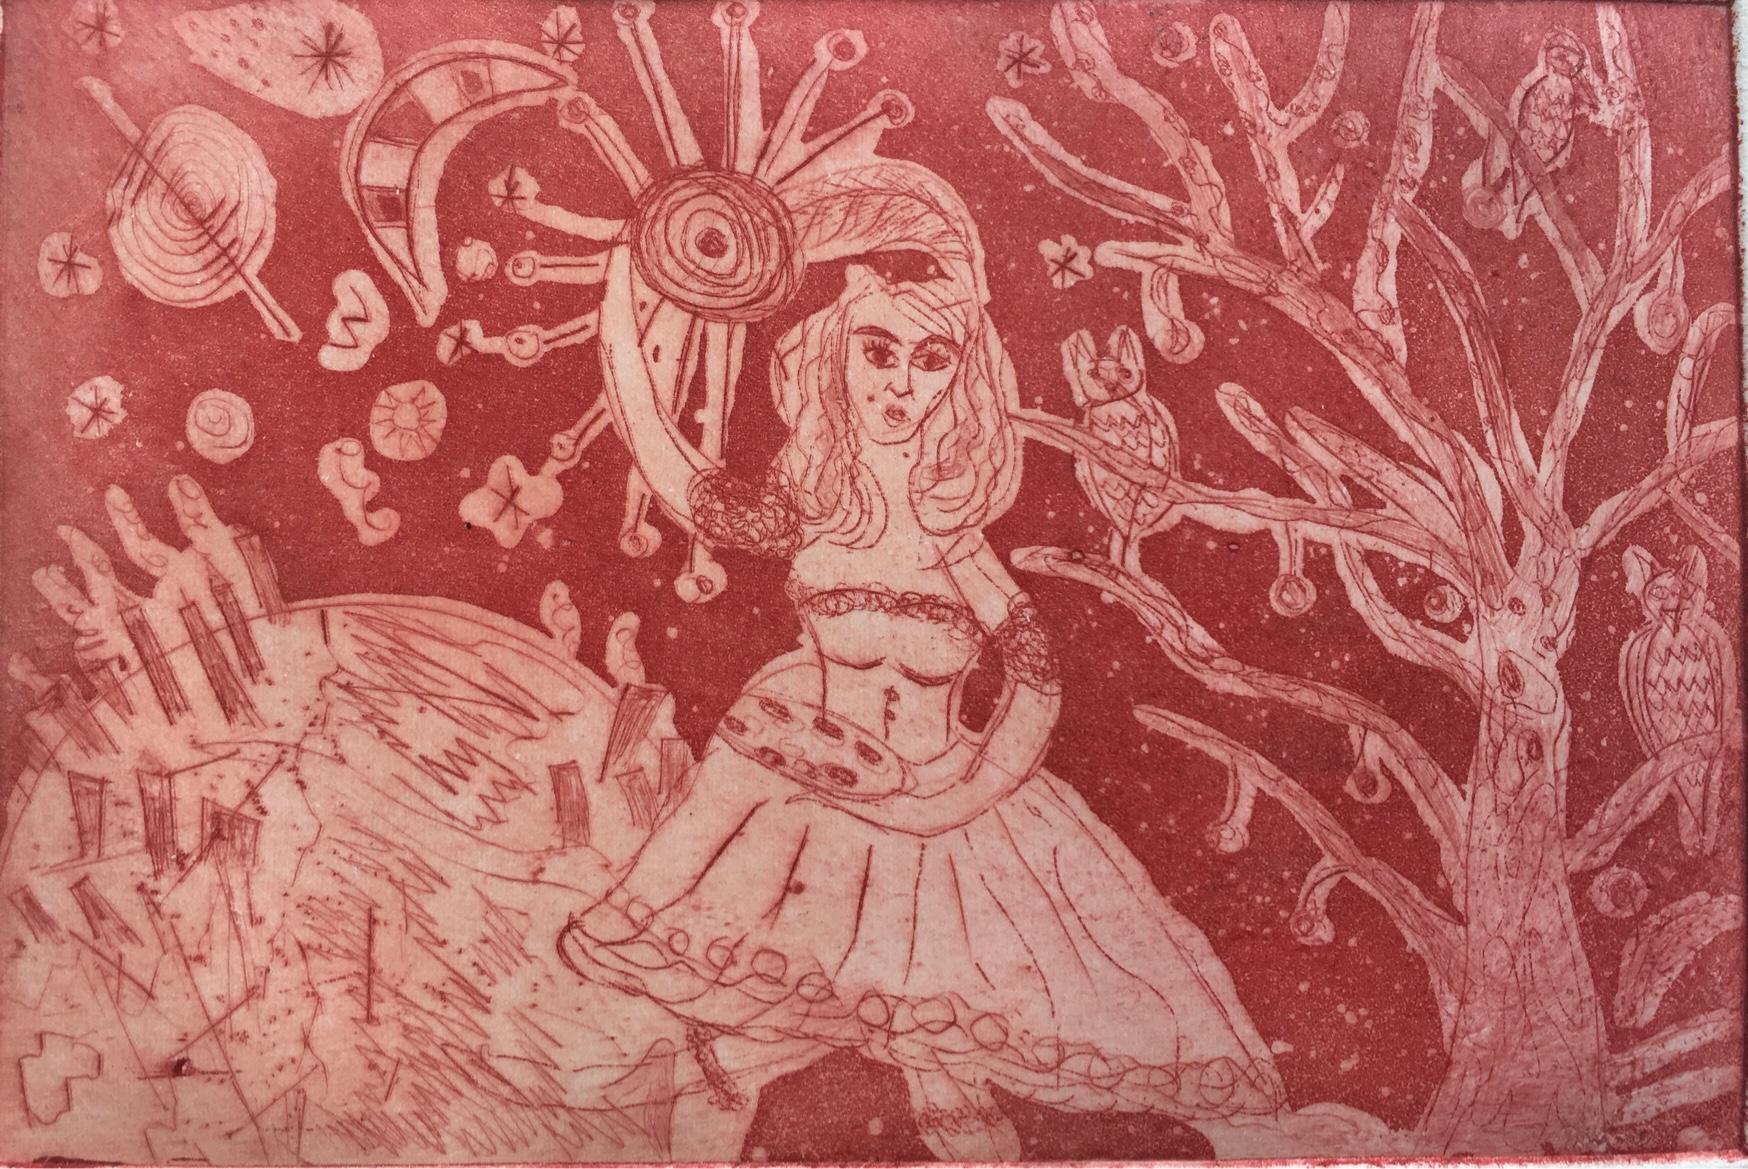 (c) Bianca Scheich, Radierung, Die rote Corona, 15 x 20 cm, 2021